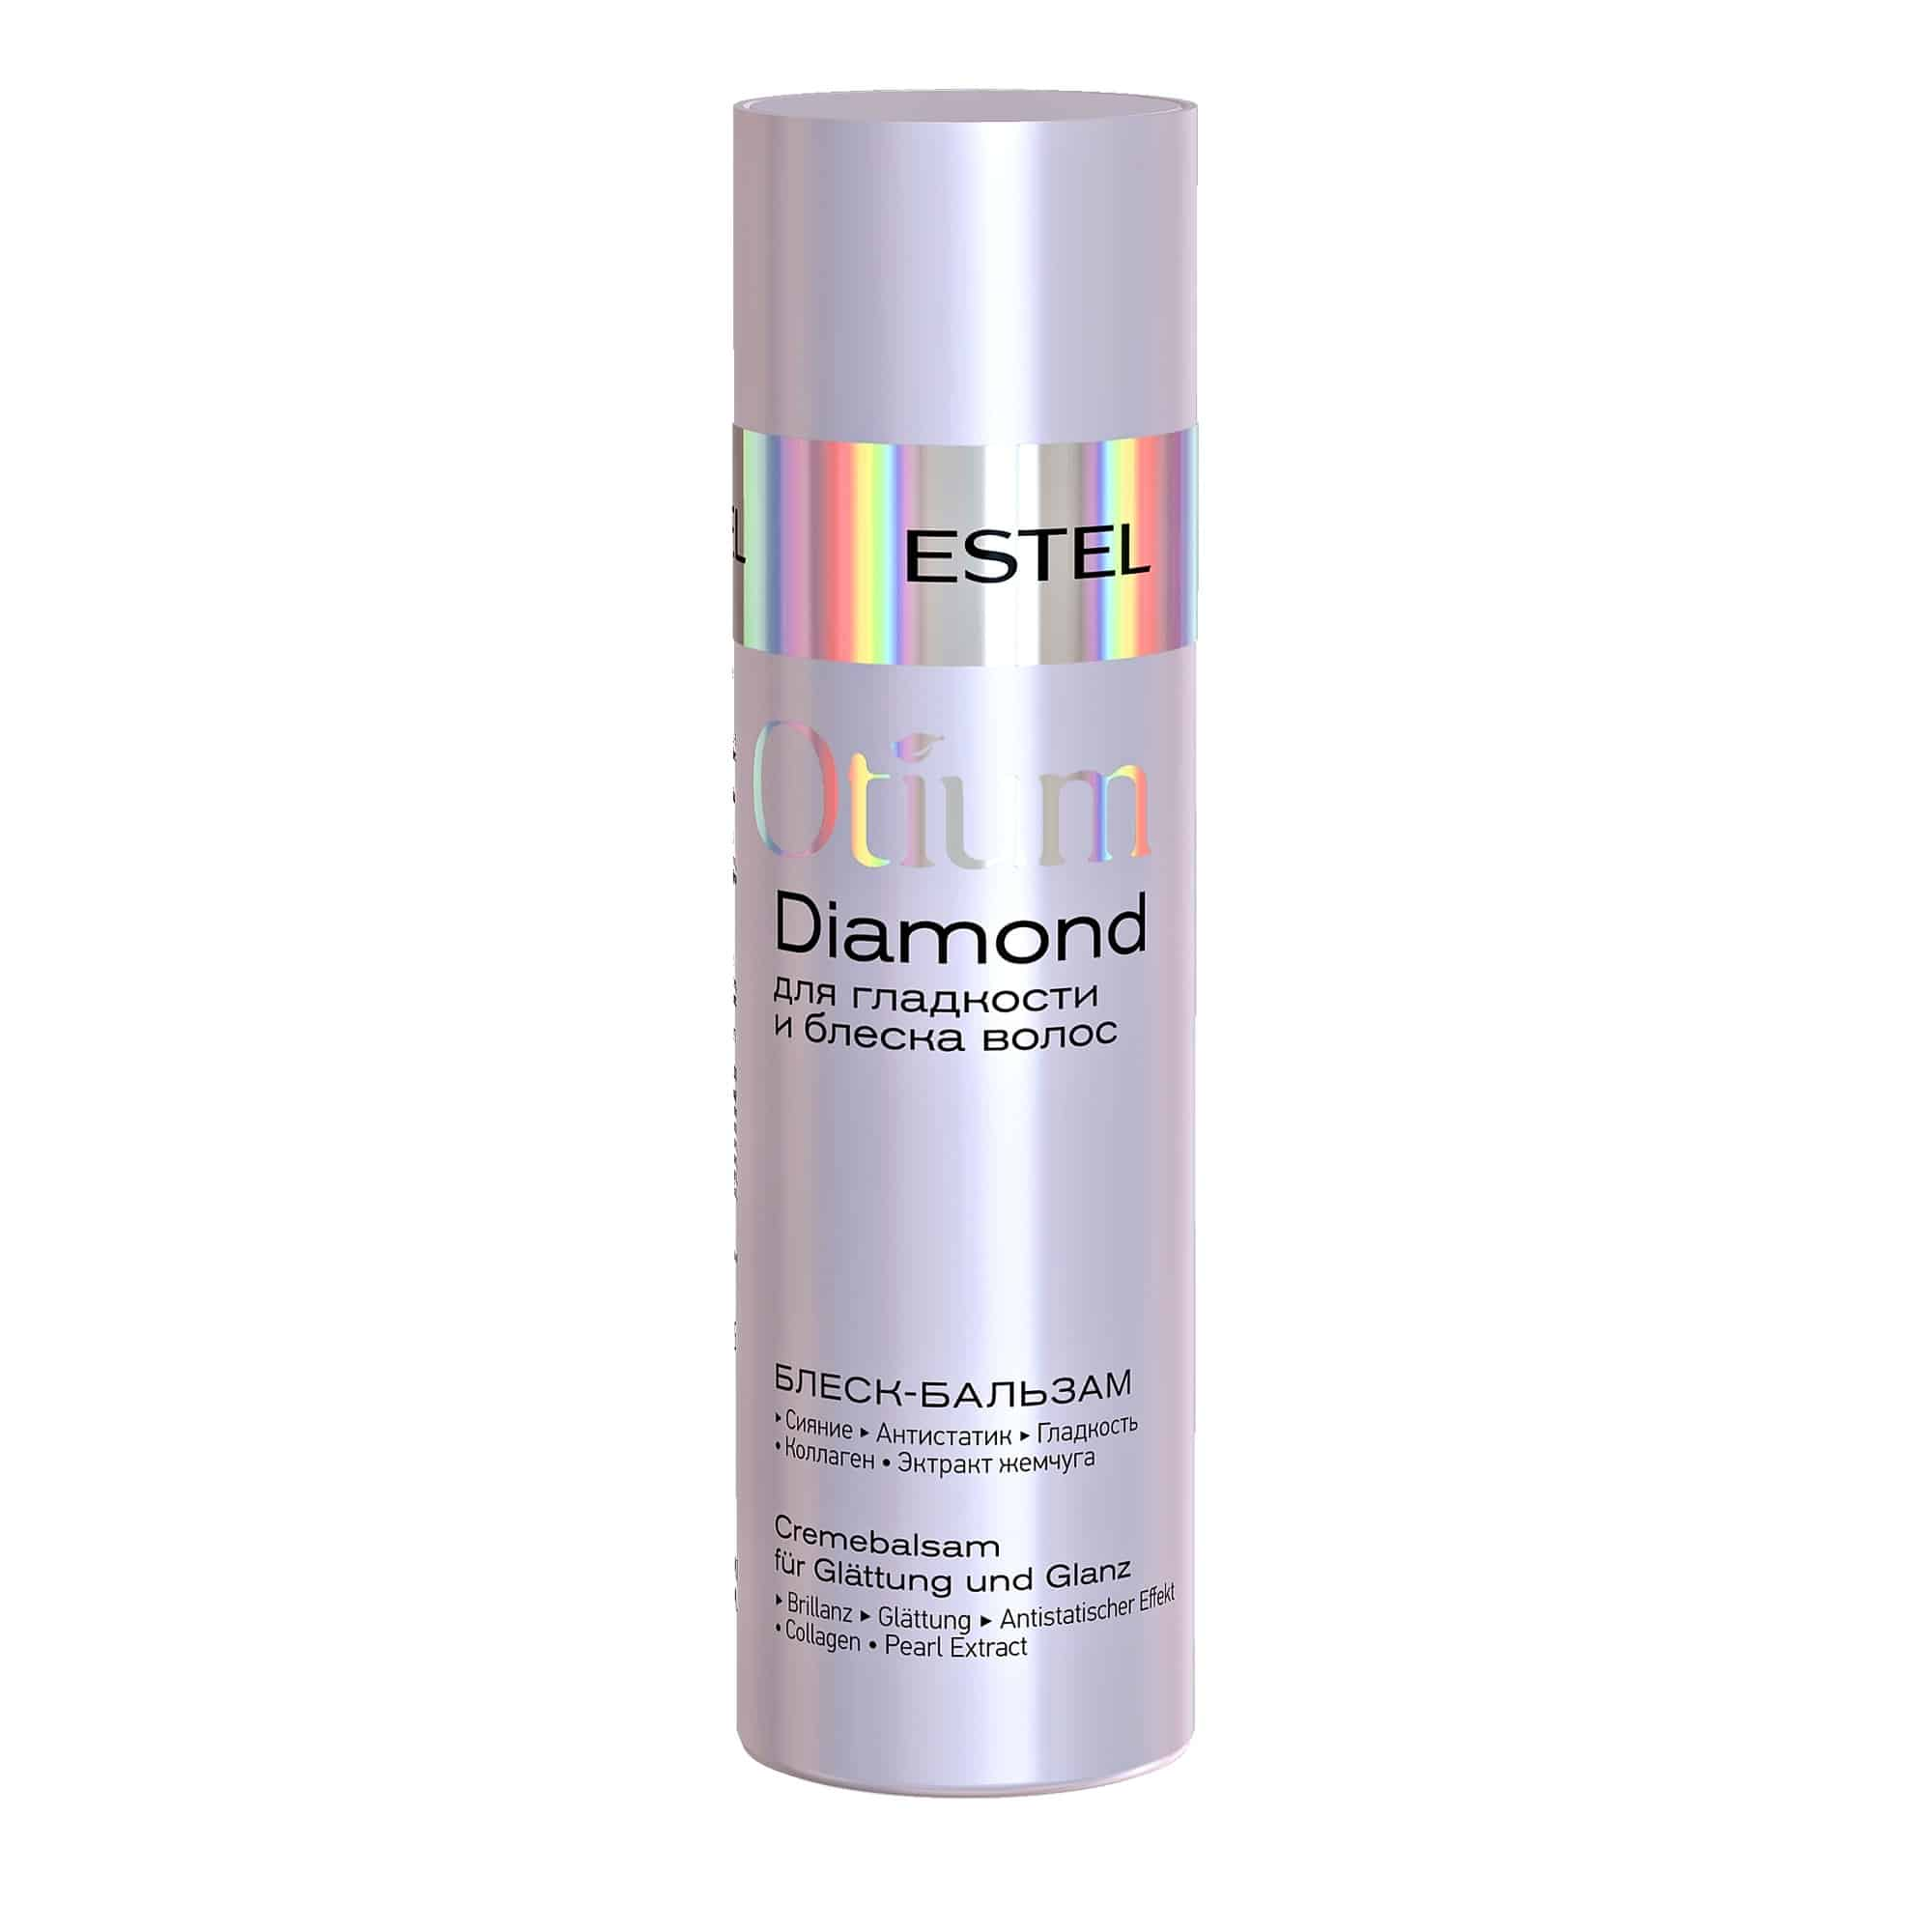 Крем-бальзам OTIUM DIAMOND для разглаживания и сияния кожи